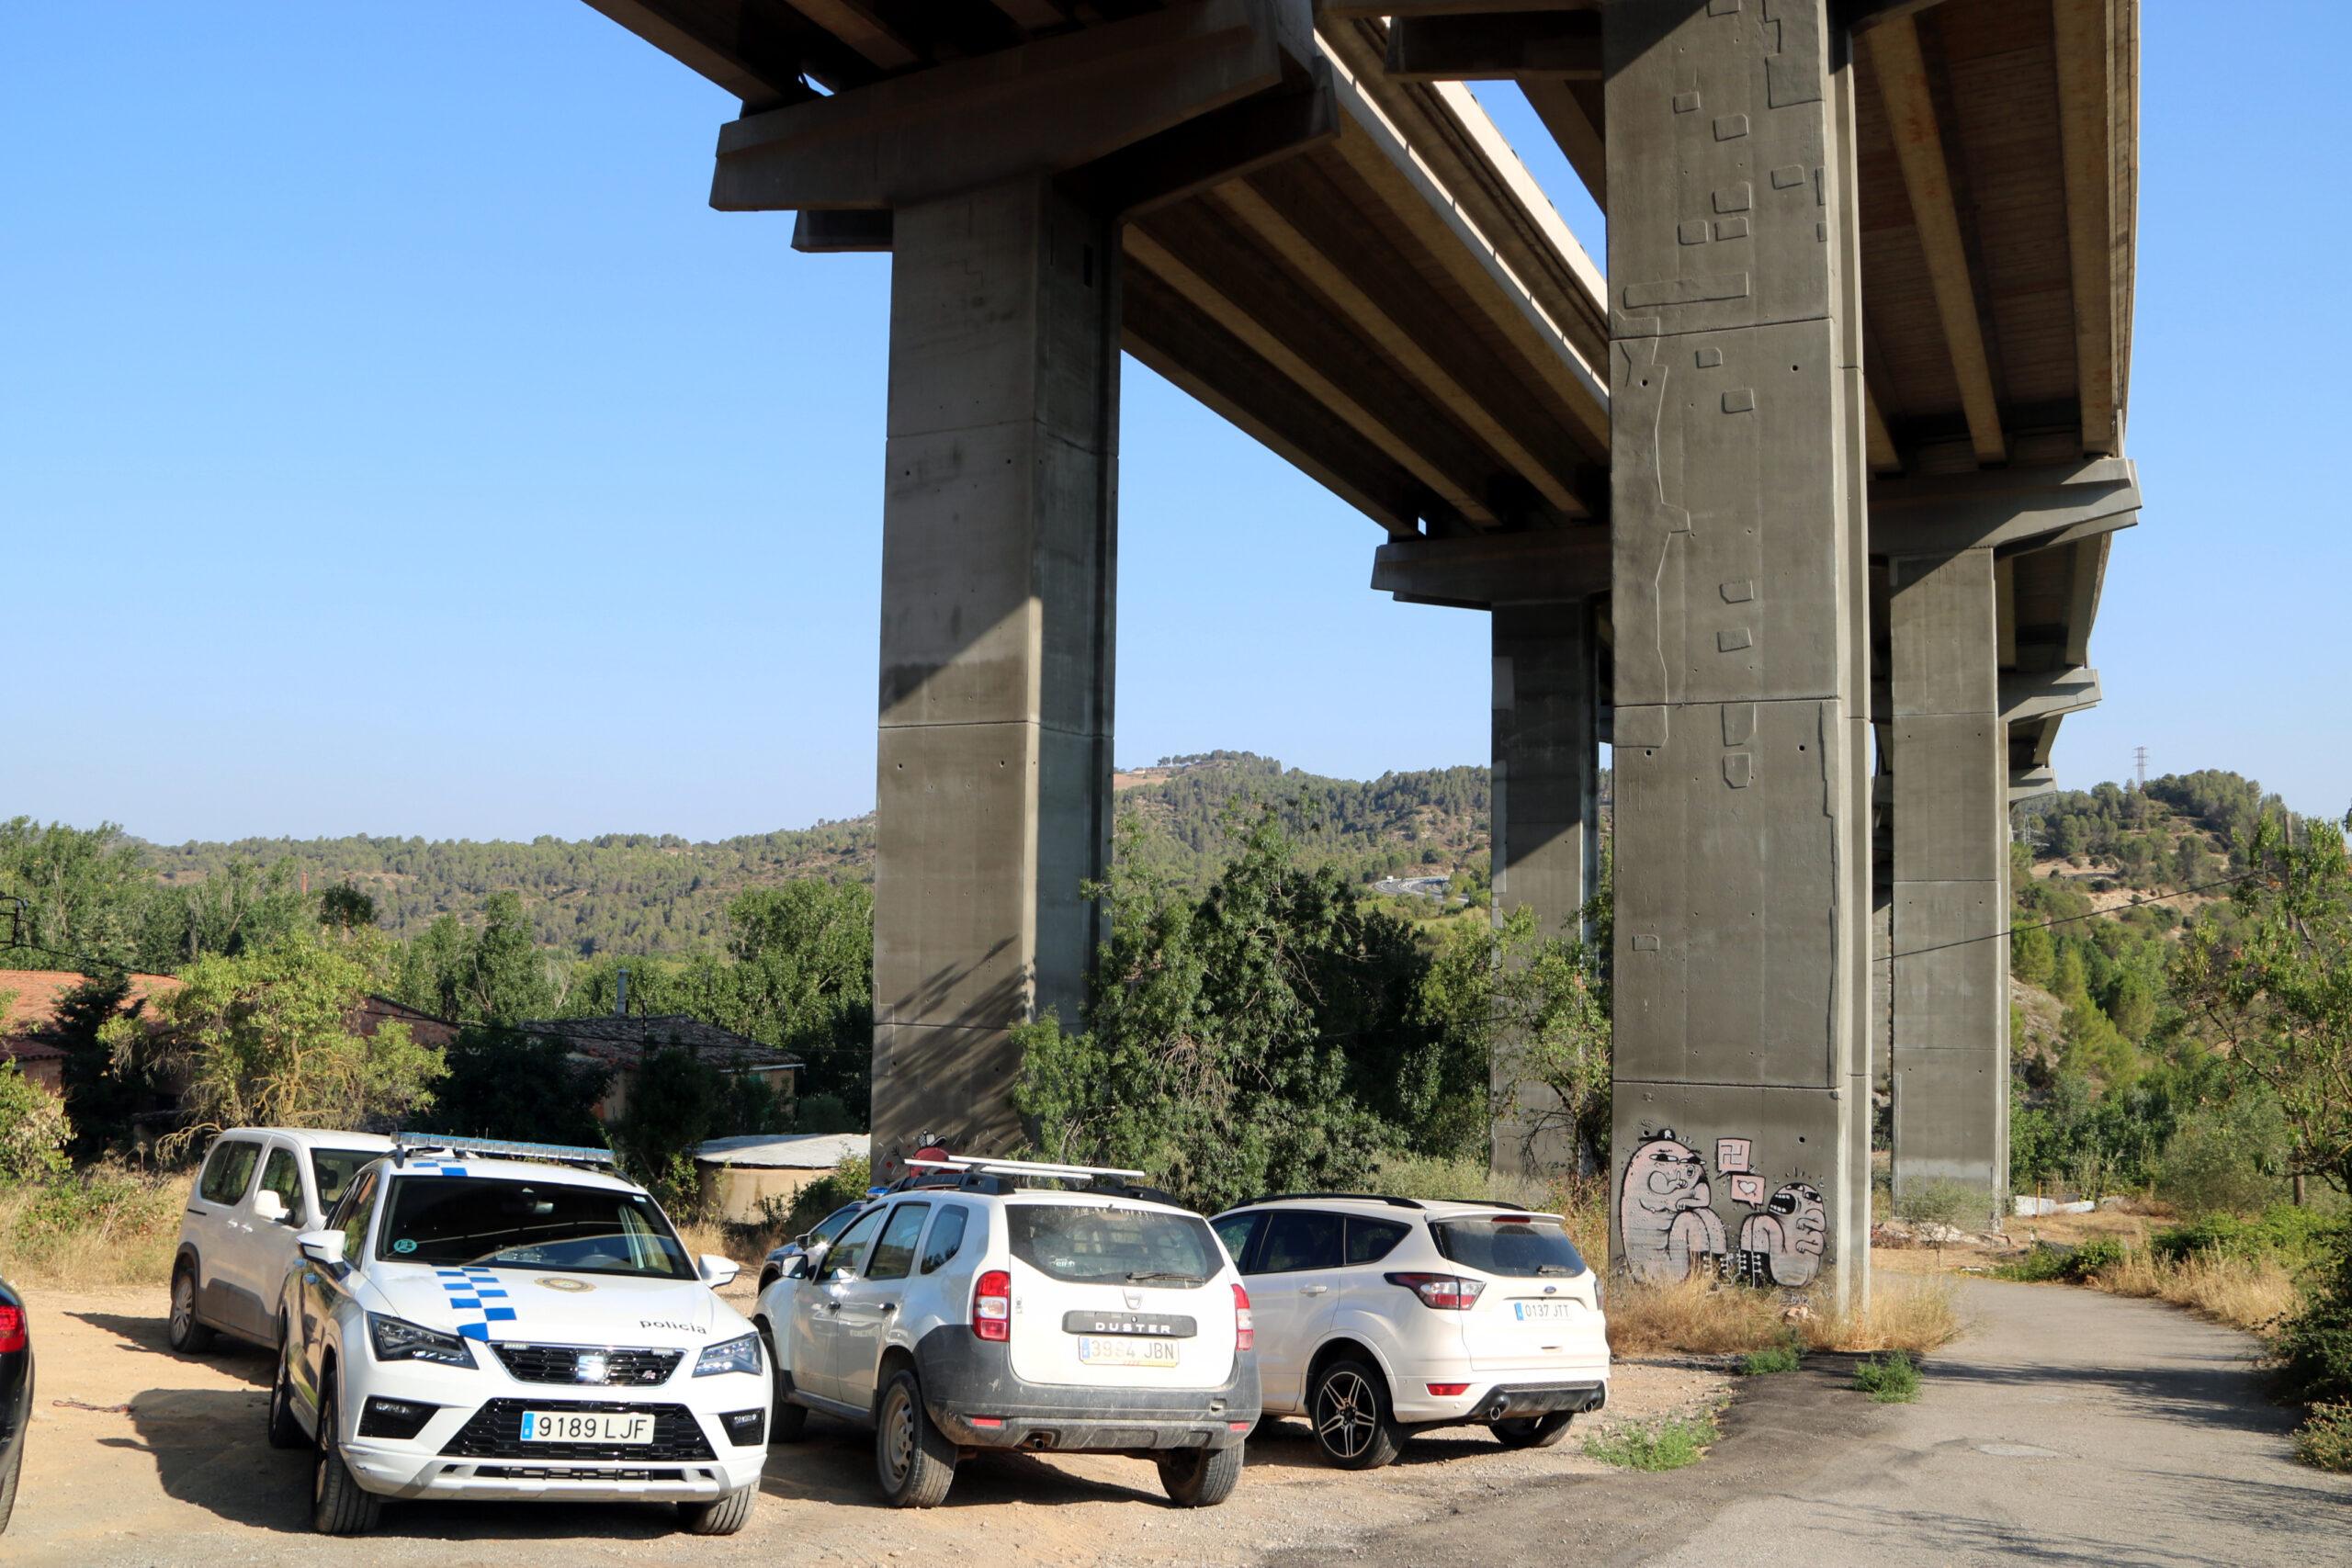 Punt d'accés a la zona on s'ha comès el delicte, en una zona de matolls entre el Pont de Vilomara i Sant Vicenç de Castellet/ACN